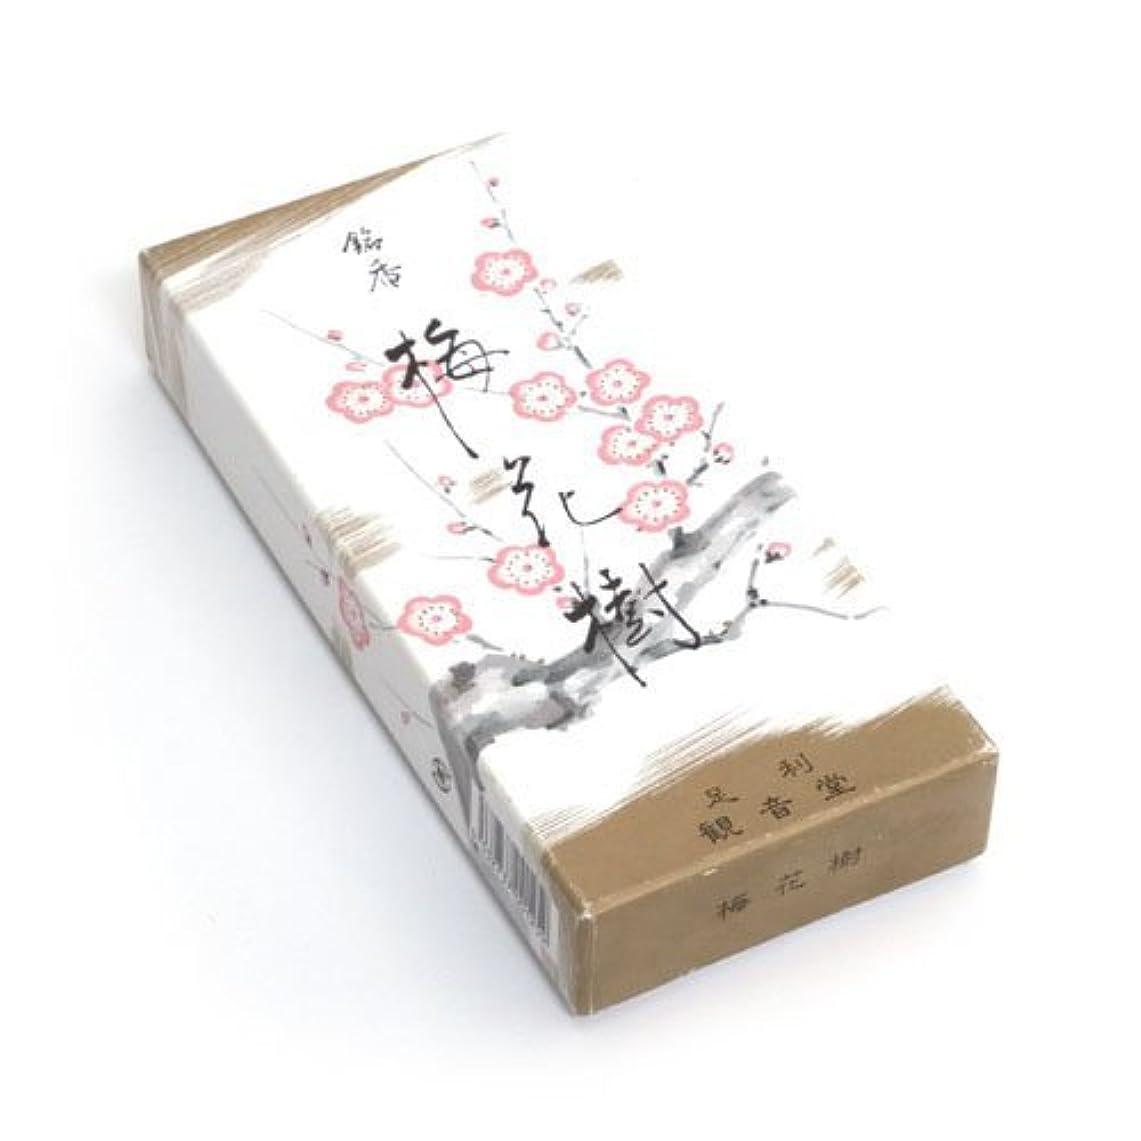 崩壊遊びます露骨なShoyeido 's Plum Blossoms Incense、150 sticks – baika-ju